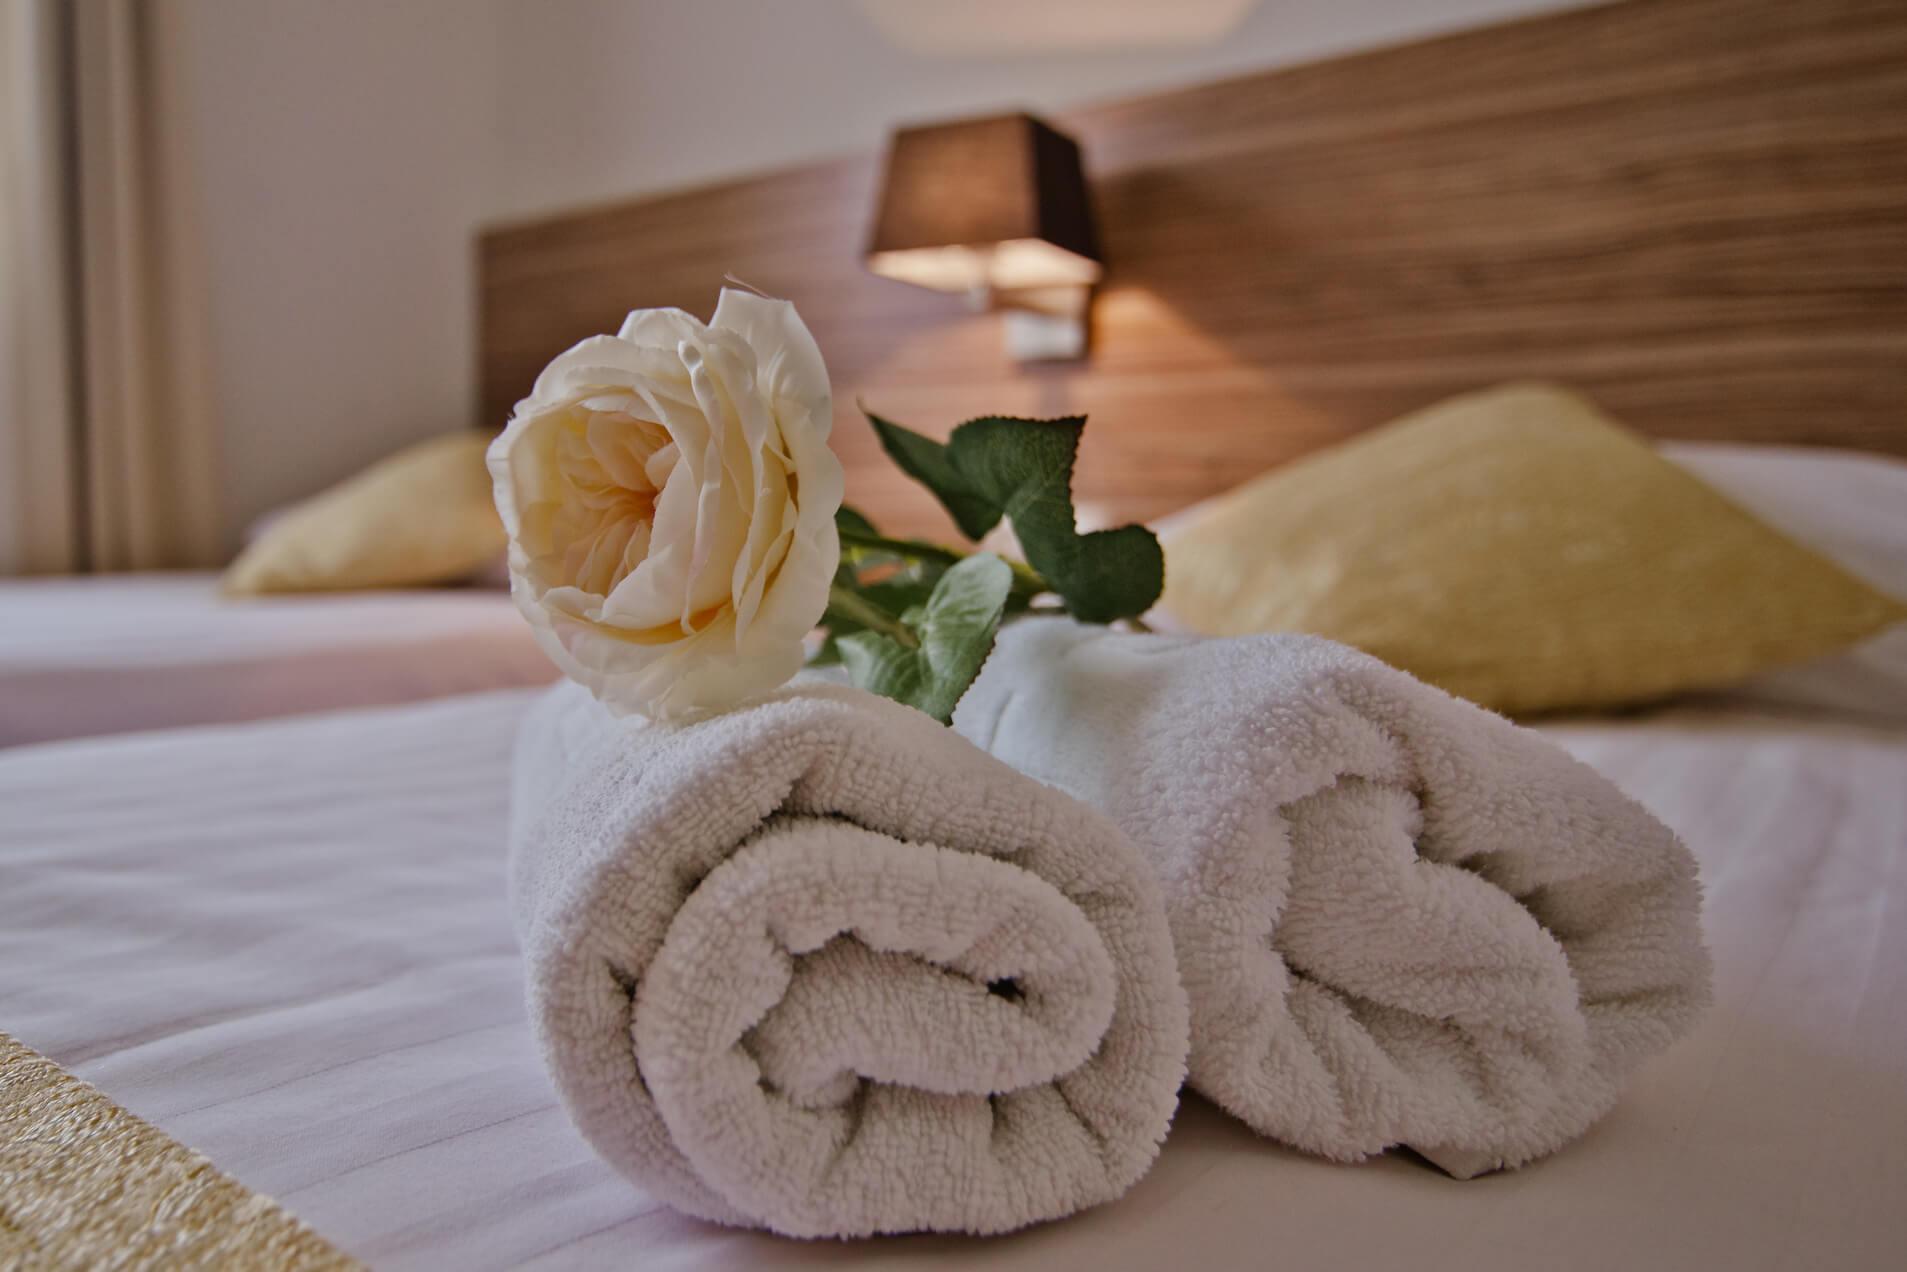 Ručnici/Towels/Asciugamani